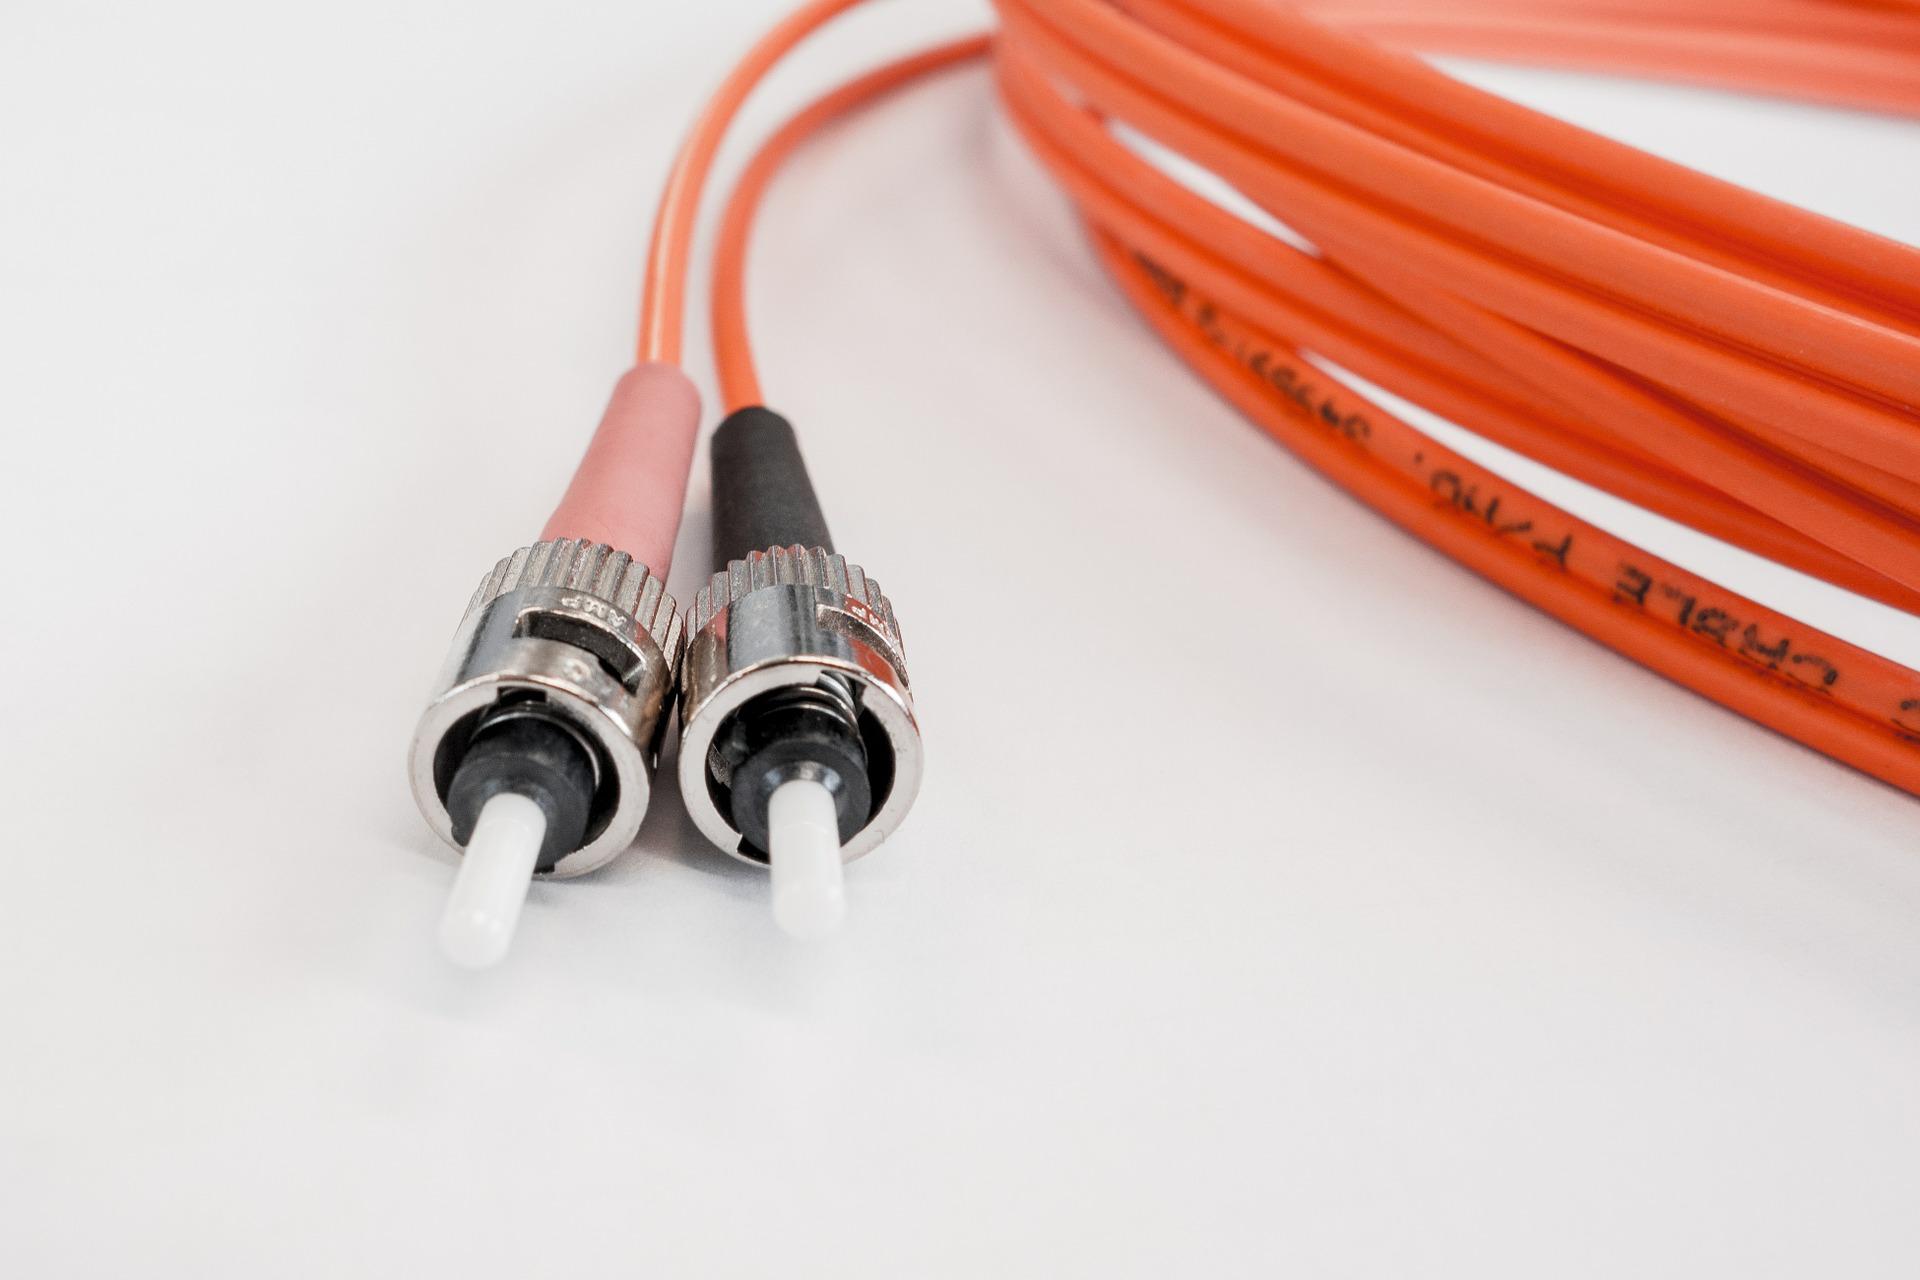 Business Fiber High-Speed Internet